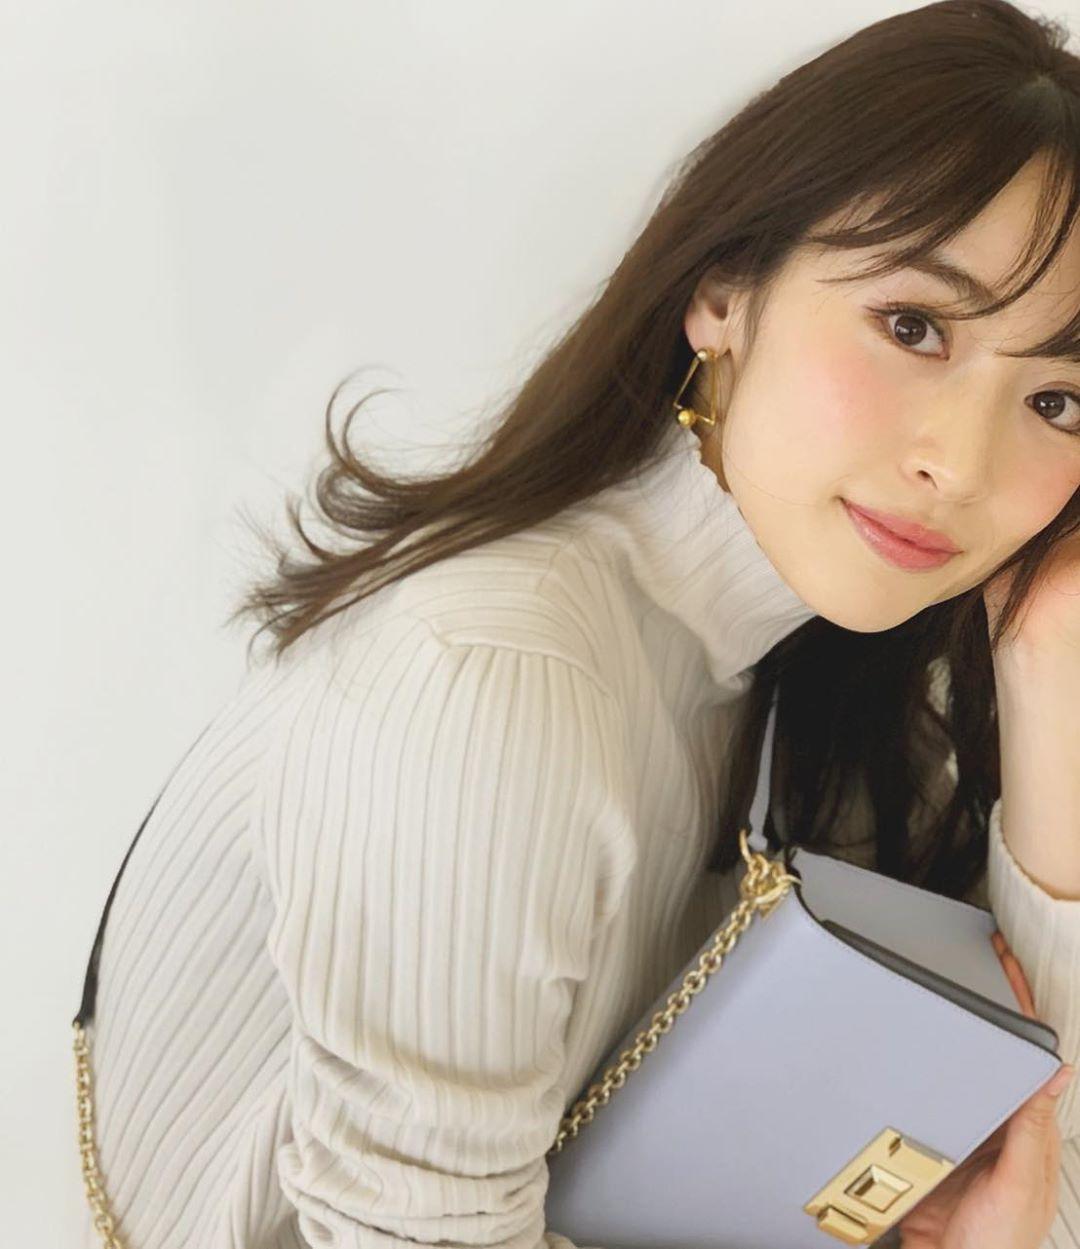 Rika-Izumi-Wallpapers-Insta-Fit-Bio-7